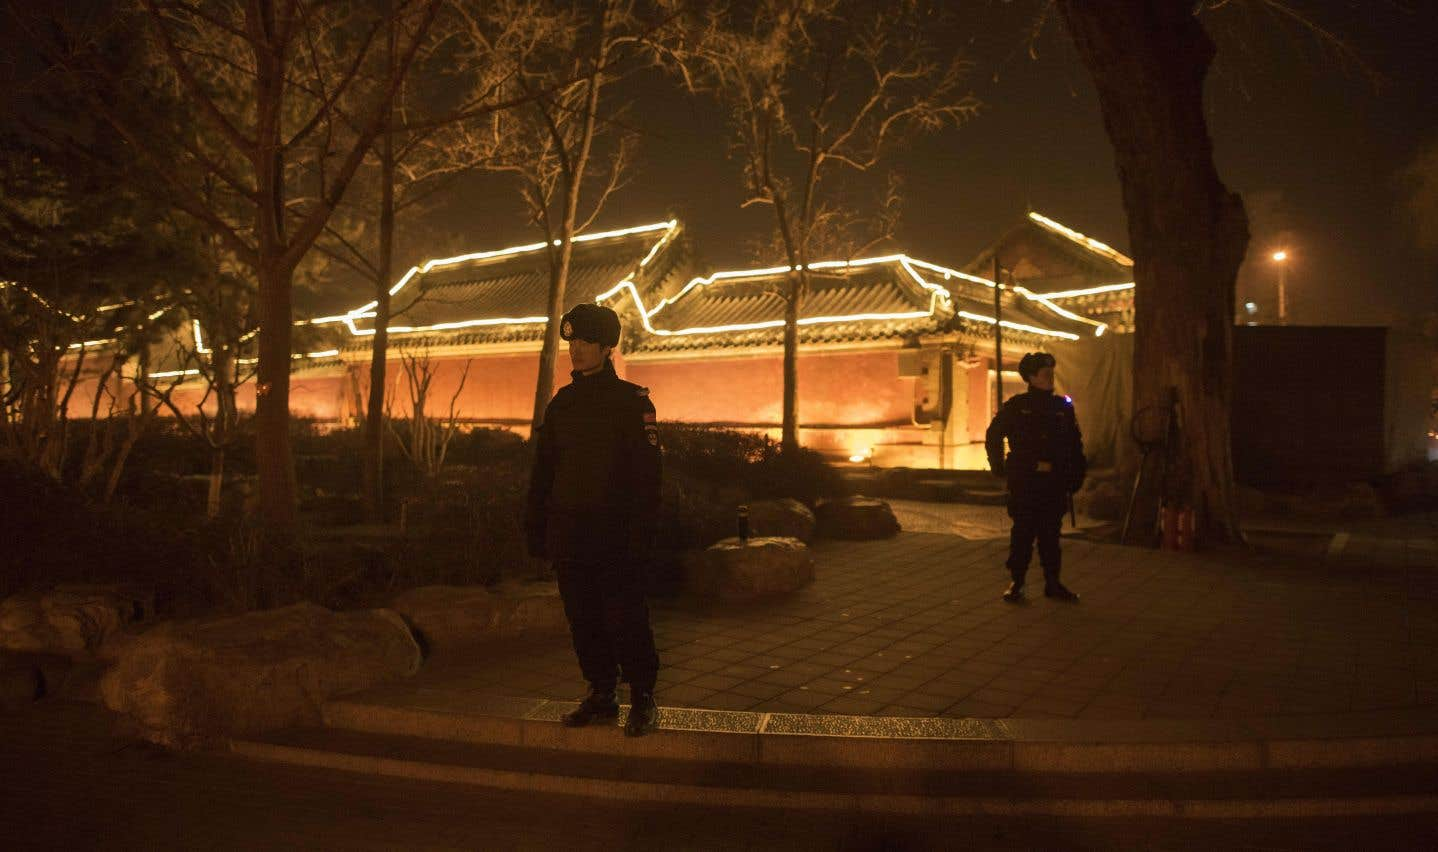 Des rues désertes patrouillées par la police: dans la nuit du Nouvel An lunaire, la capitale chinoise avait des allures de ville morte.